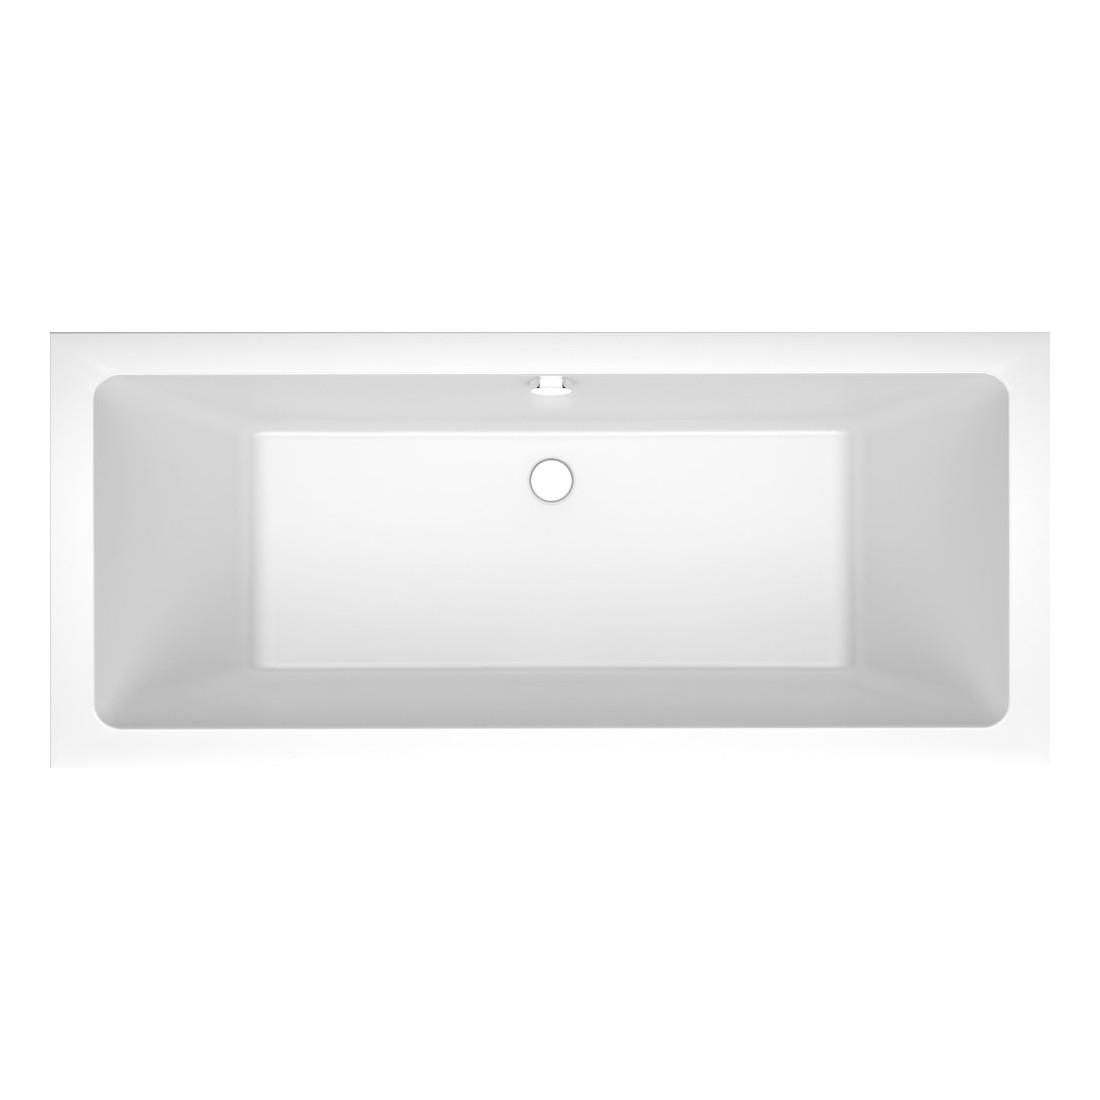 Akmens masės vonia Vispool Nordica, su paslėptomis kojytėmis, 160x75